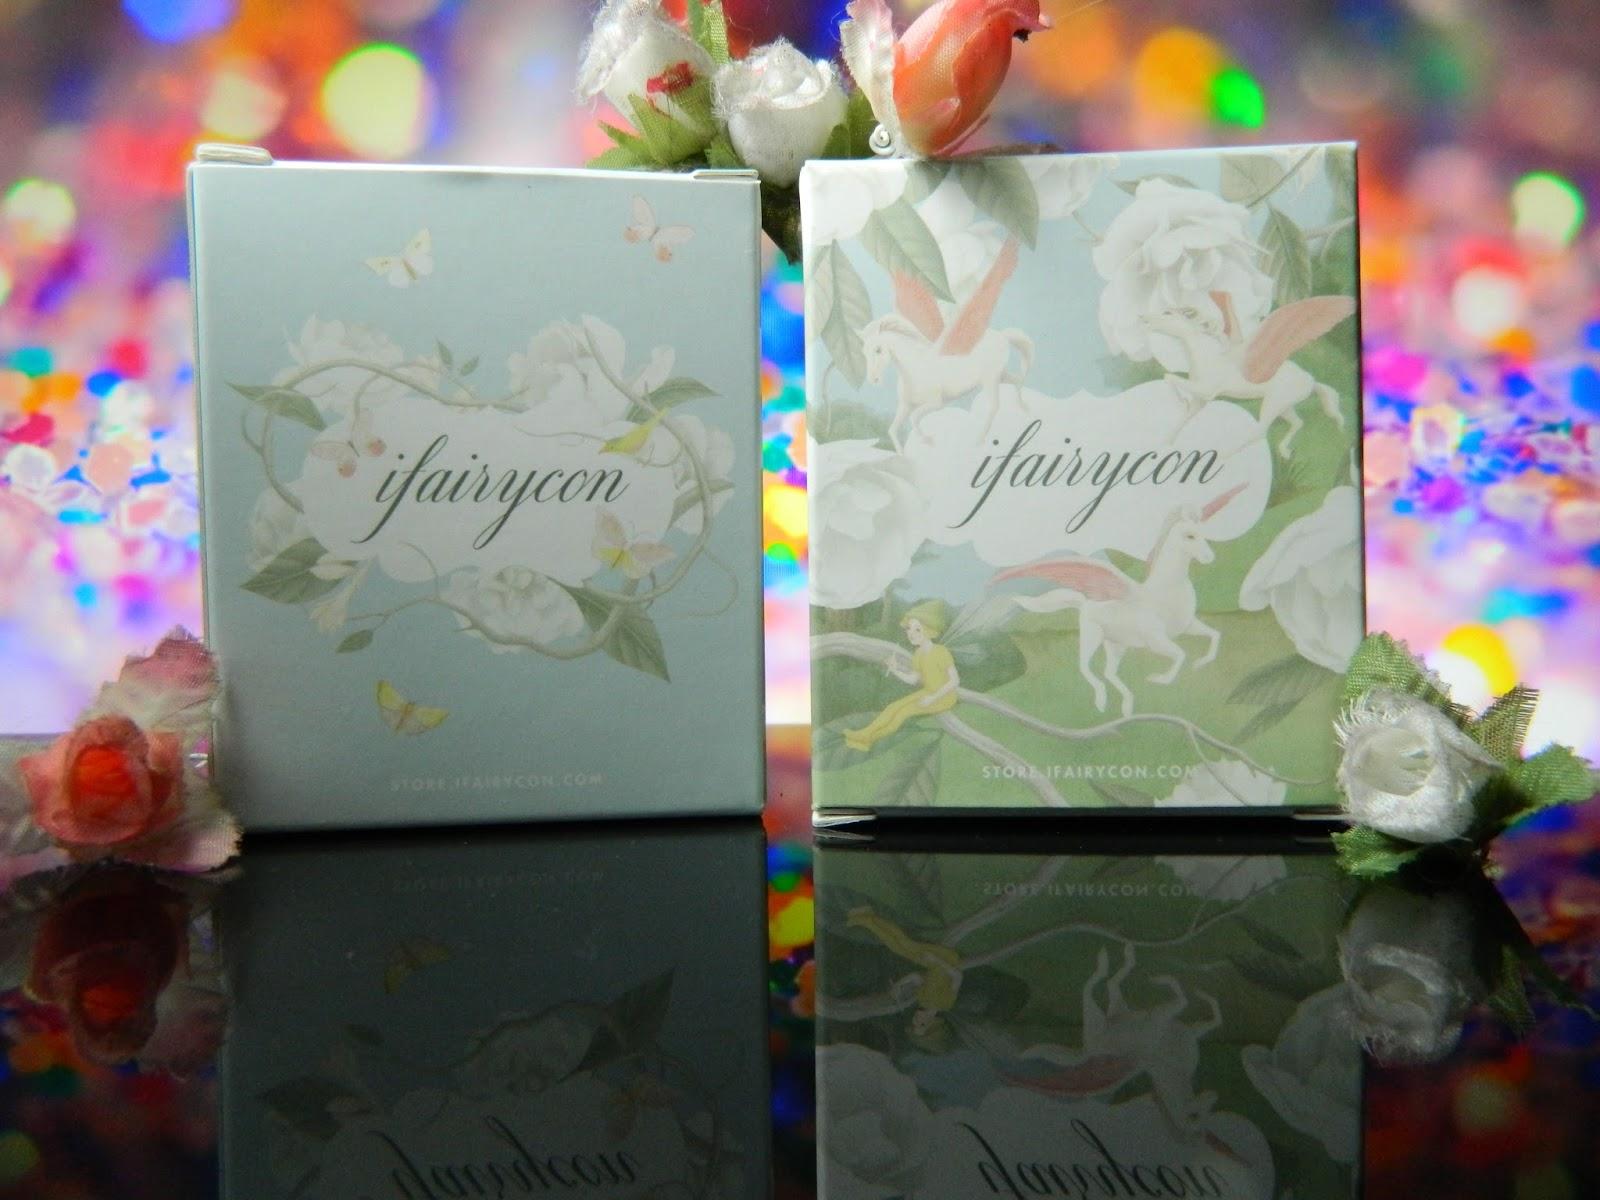 I.Fairycon Review